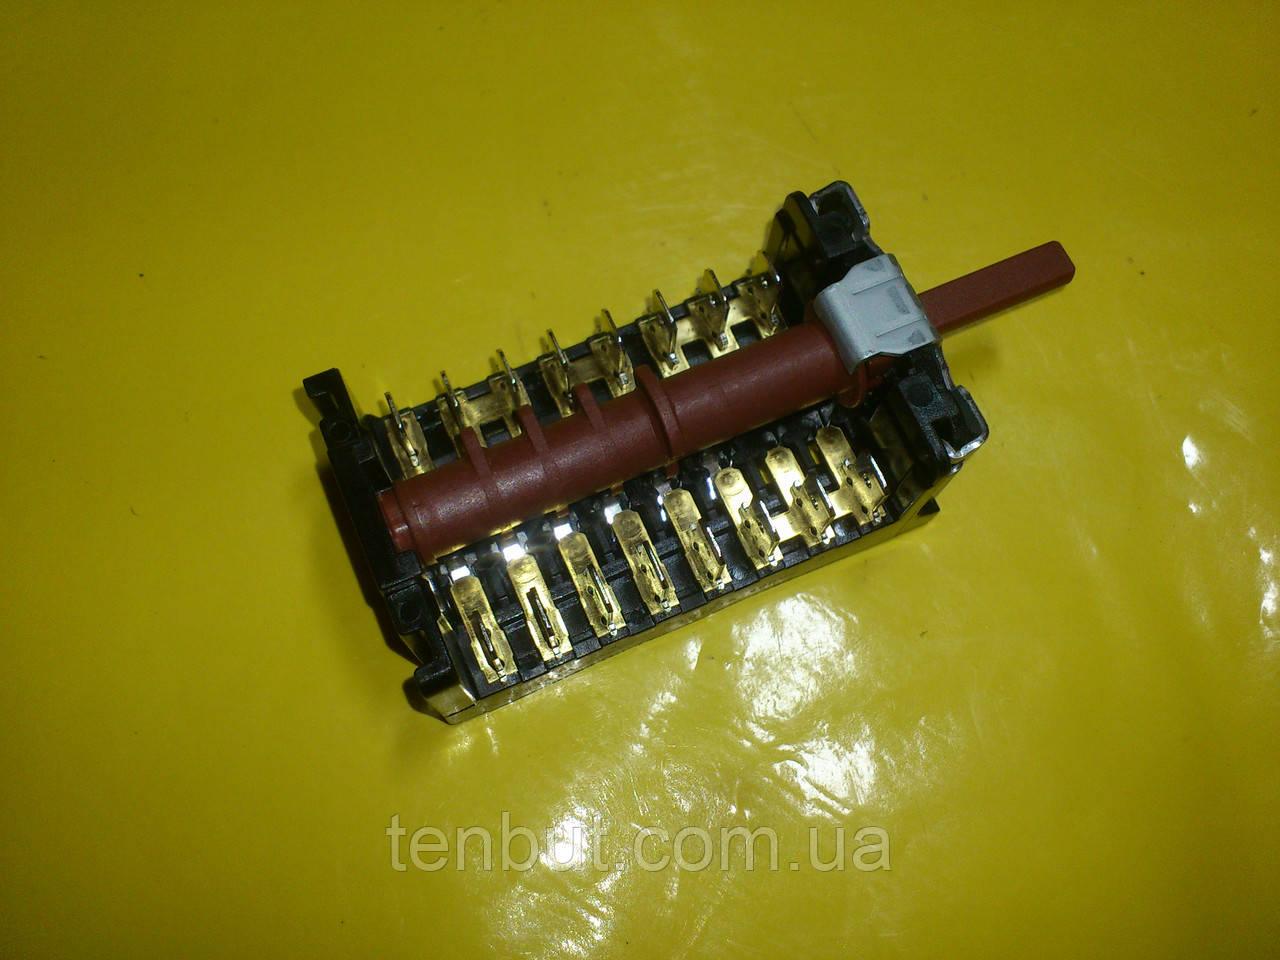 Перемикач 840604к для електроплит Ардо Беко Ханса 4-х позиційний виробництво Іспанія Barcelona